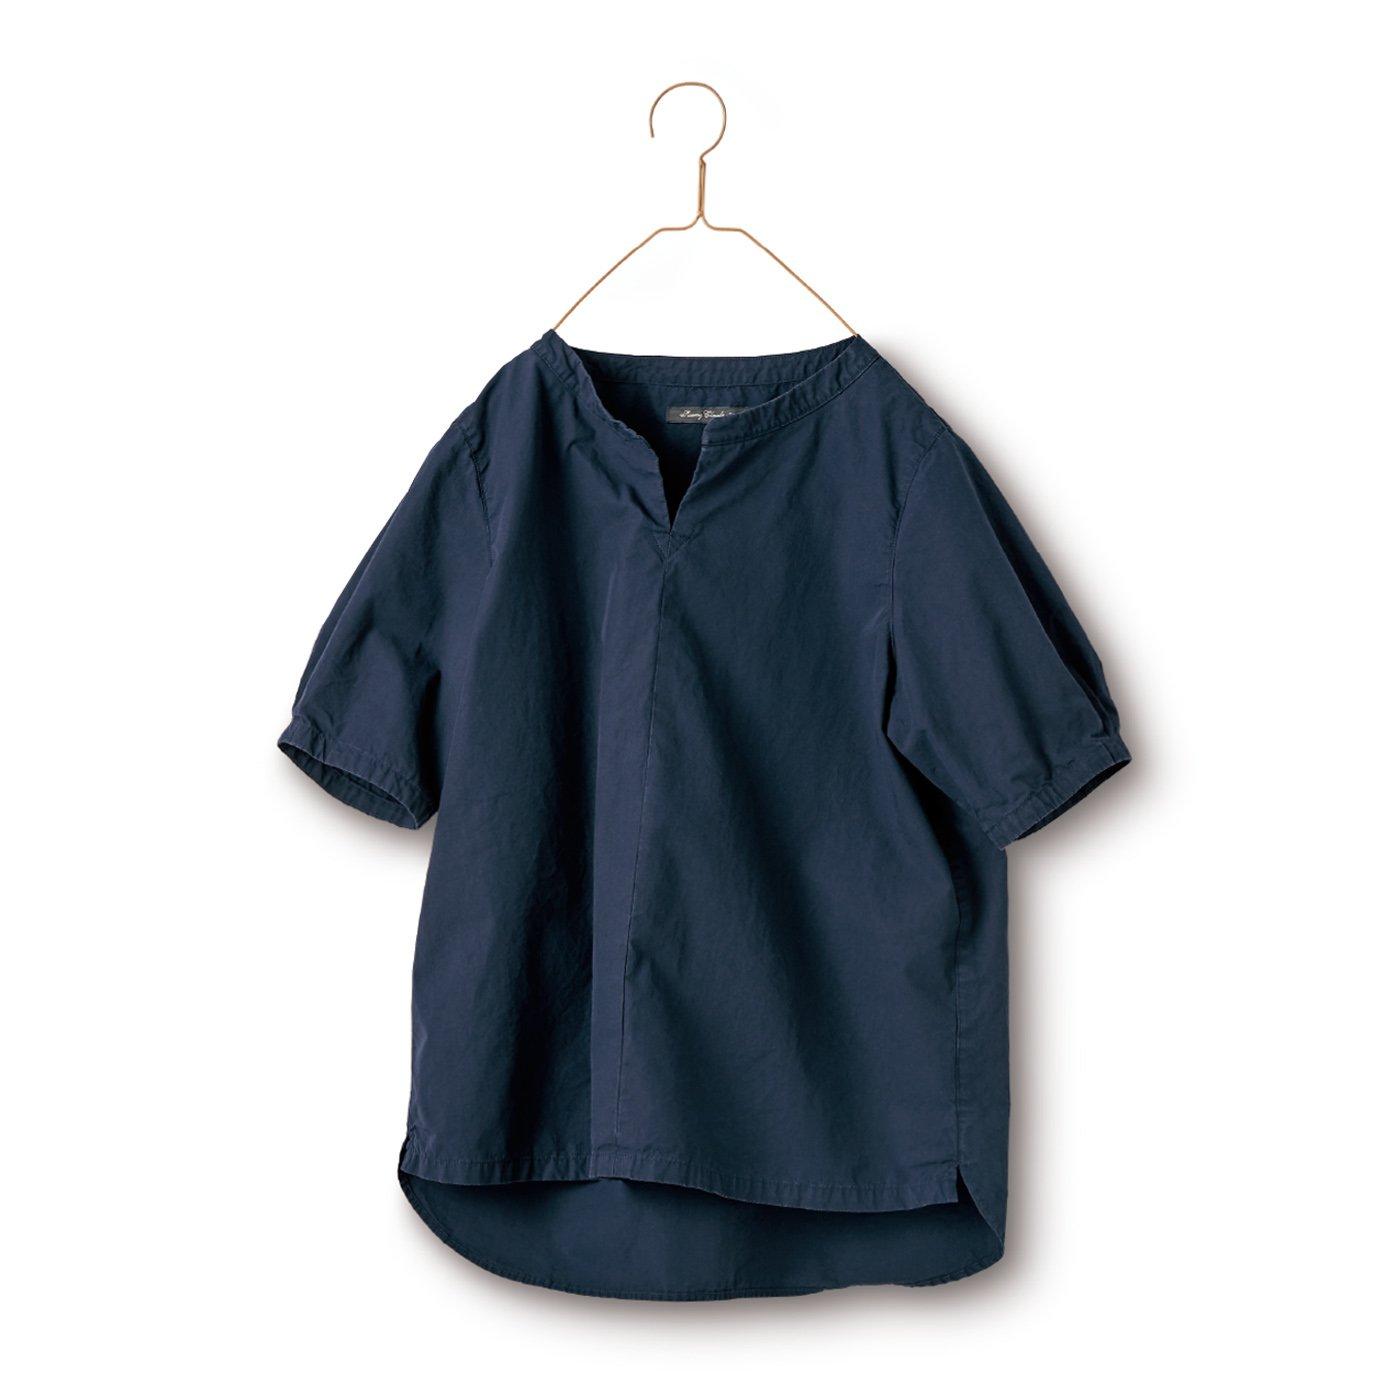 サニークラウズ 切れ込みシャツ〈レディース〉紺